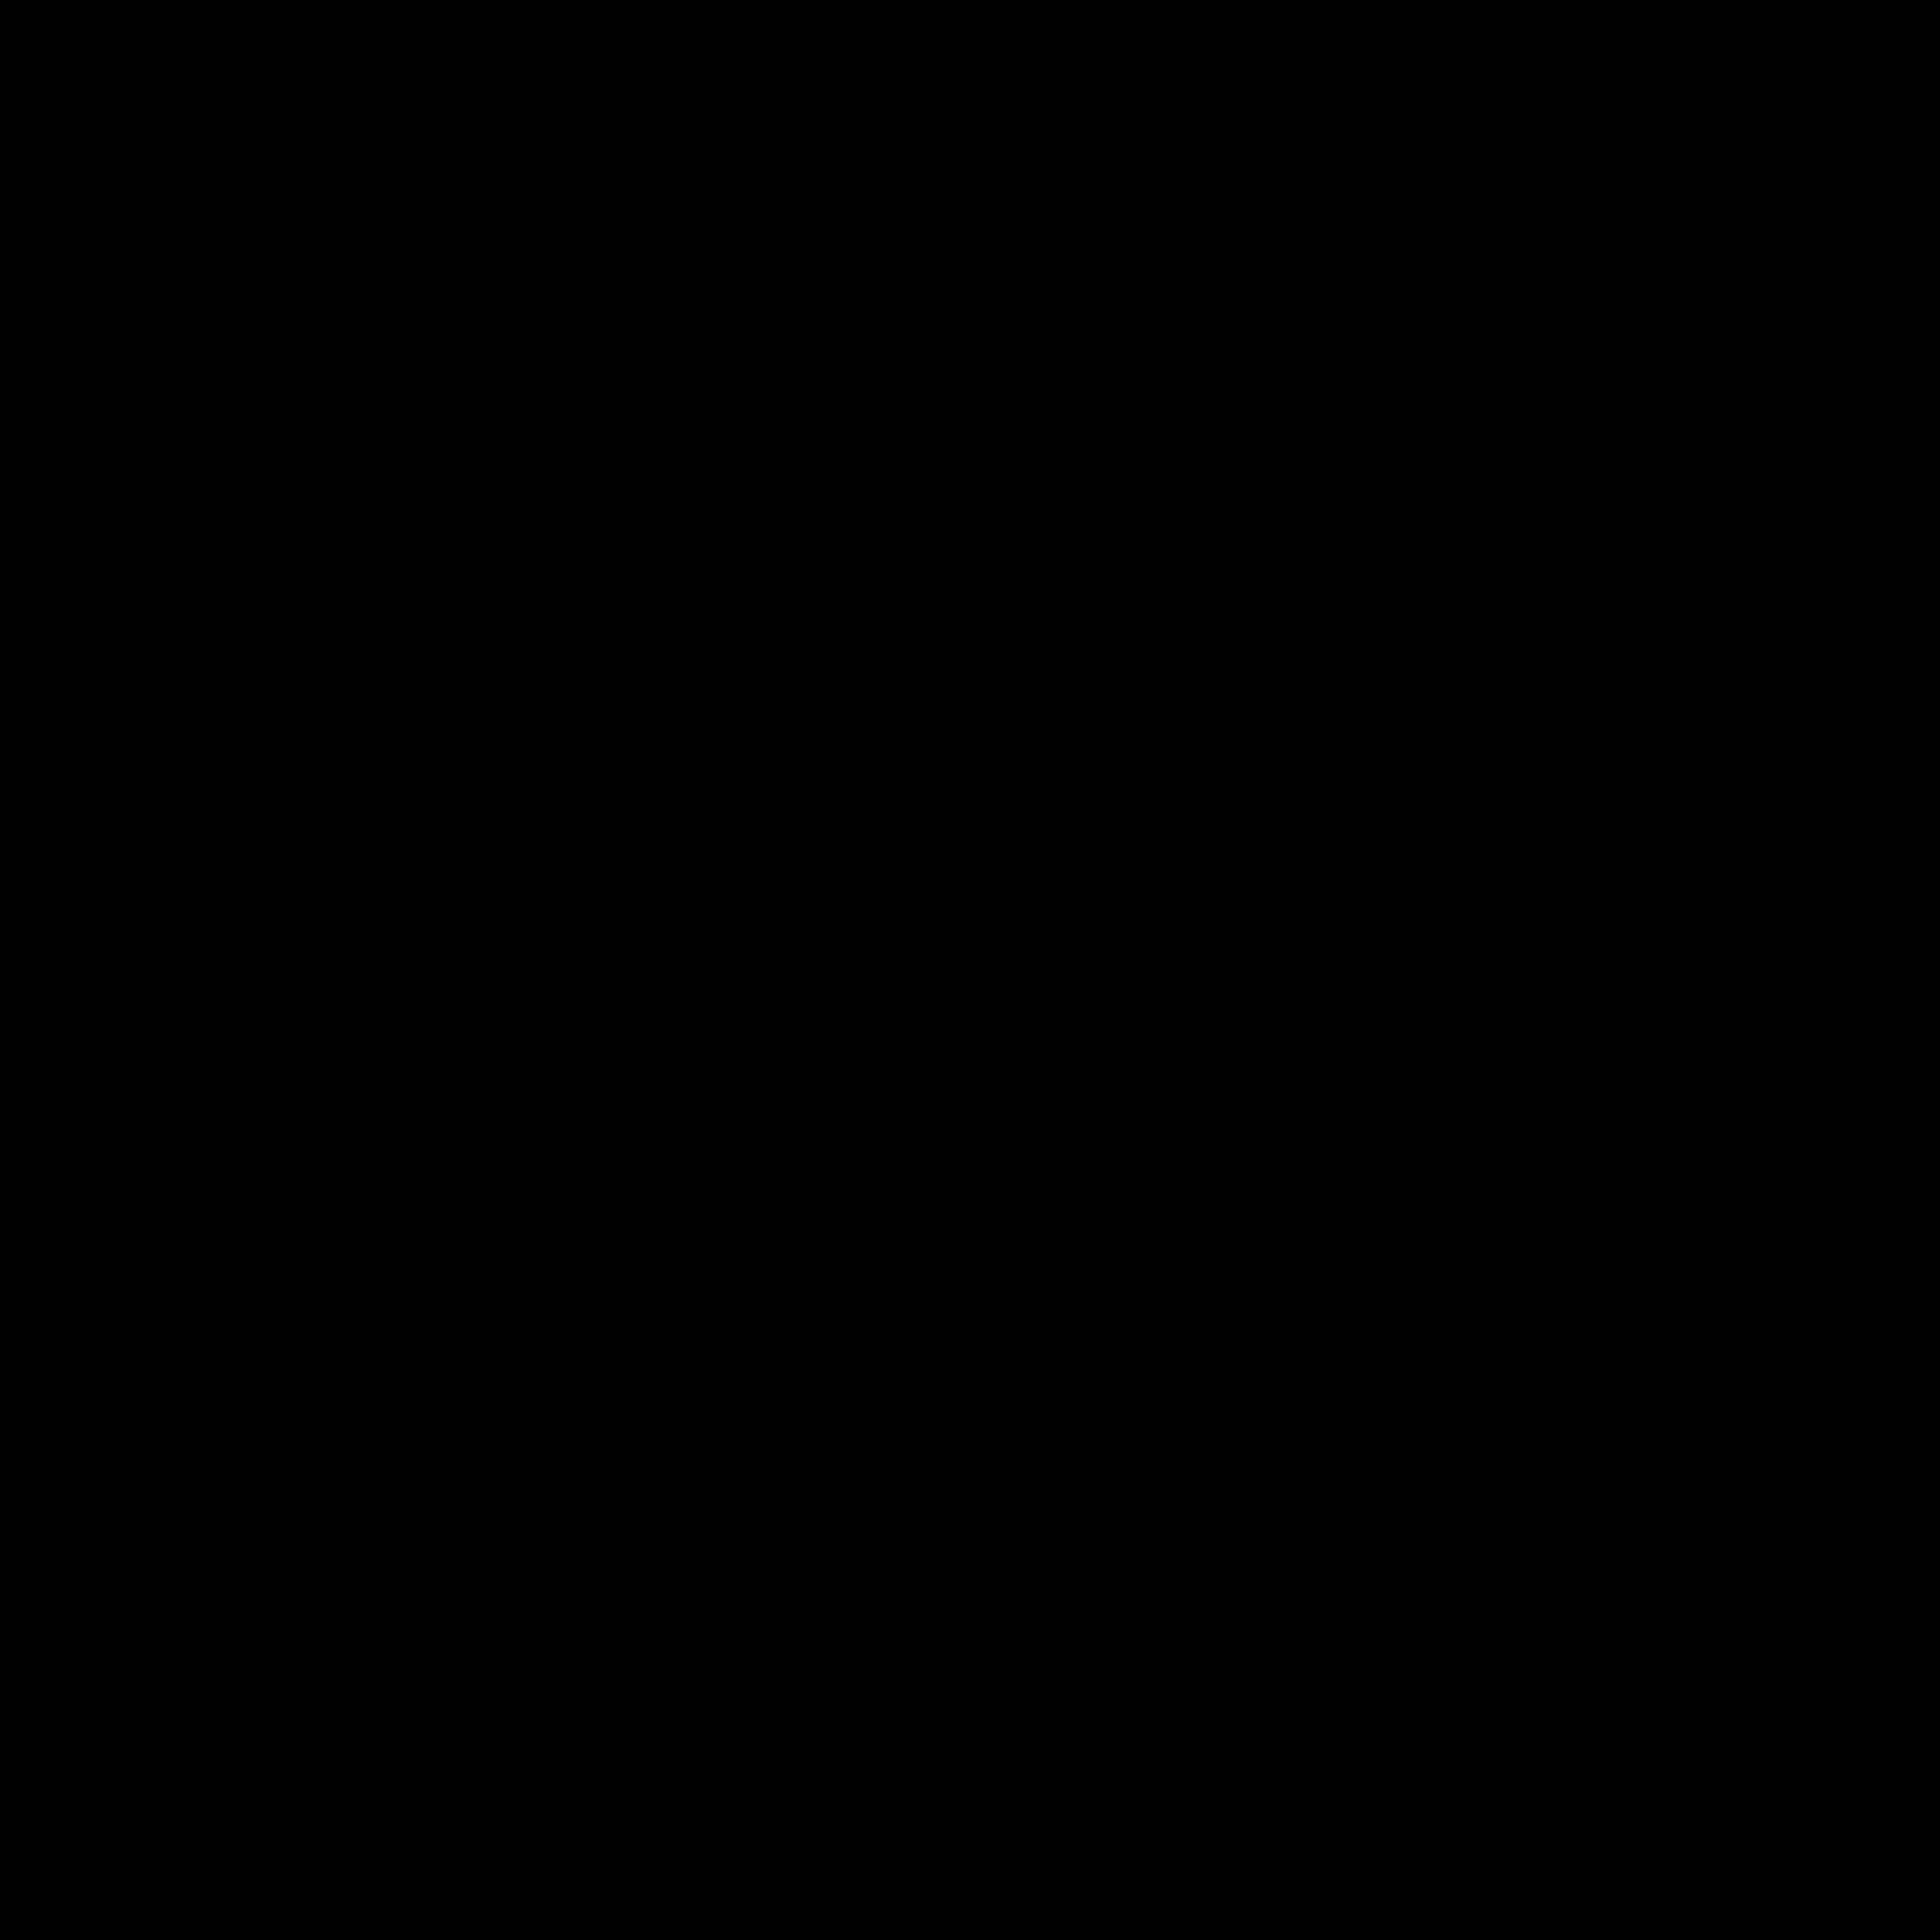 clip transparent download File book icon wikimedia. Books svg black and white